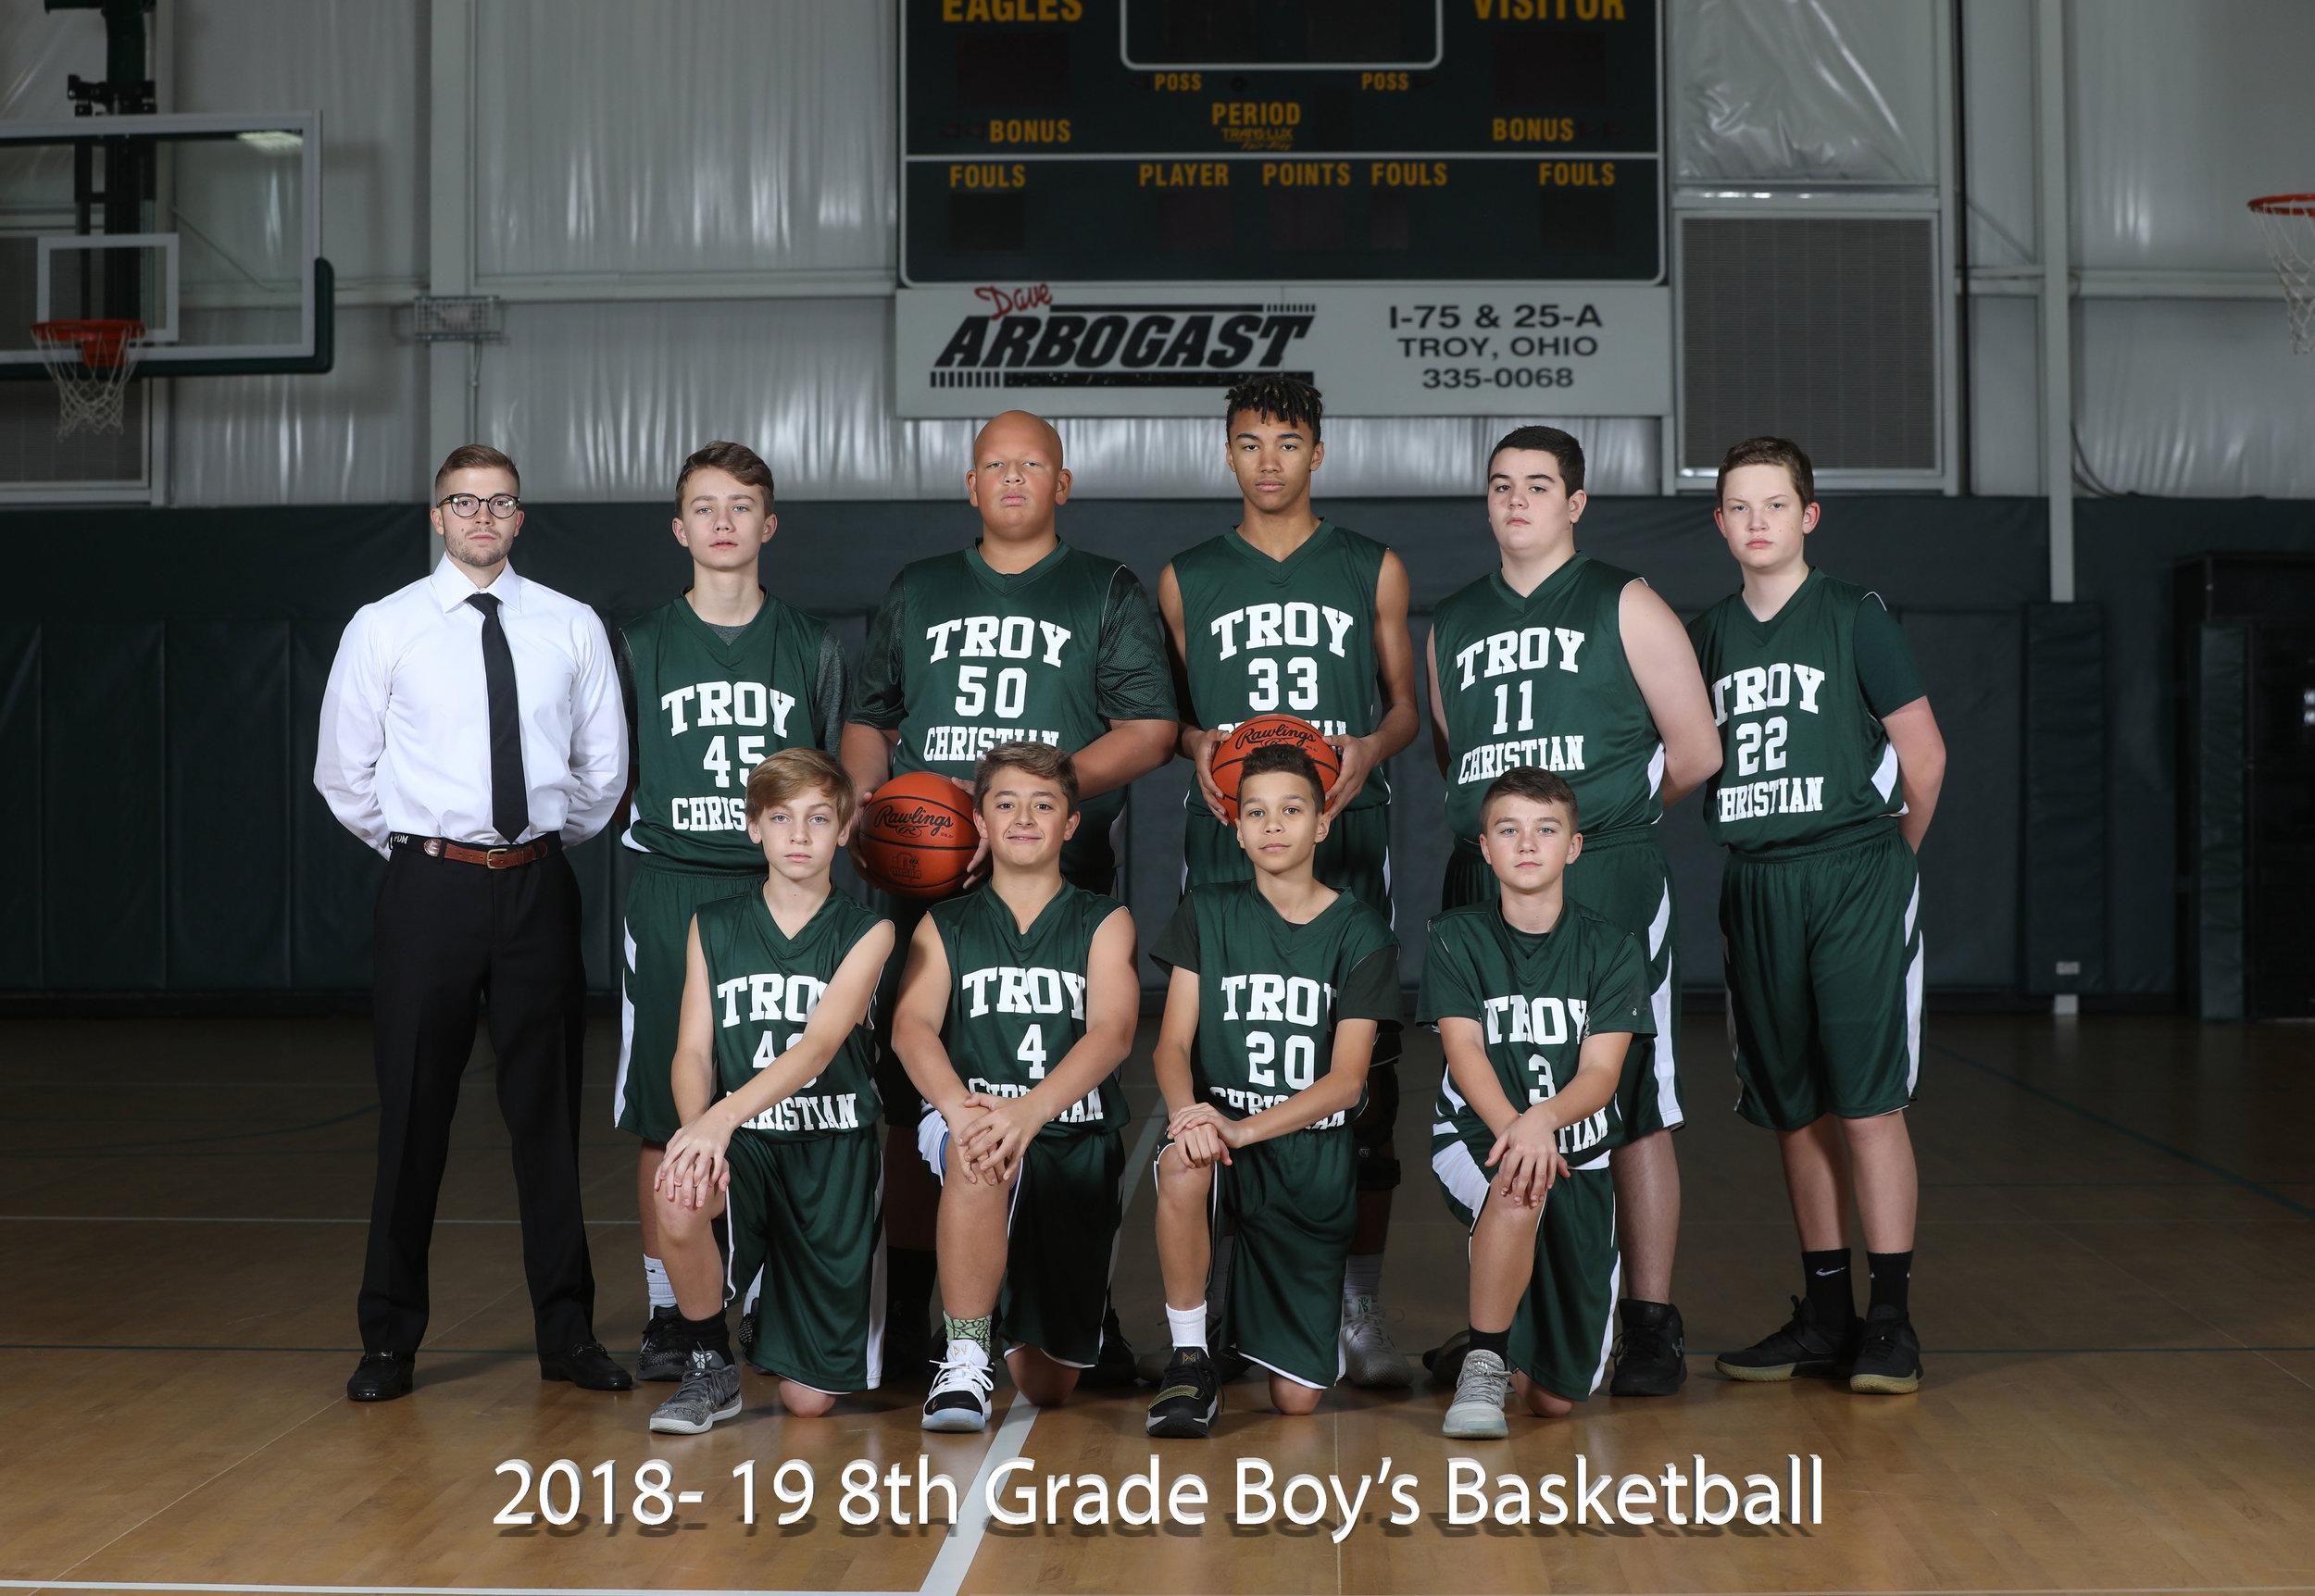 2017-18 8th Grade Boy's Basketball